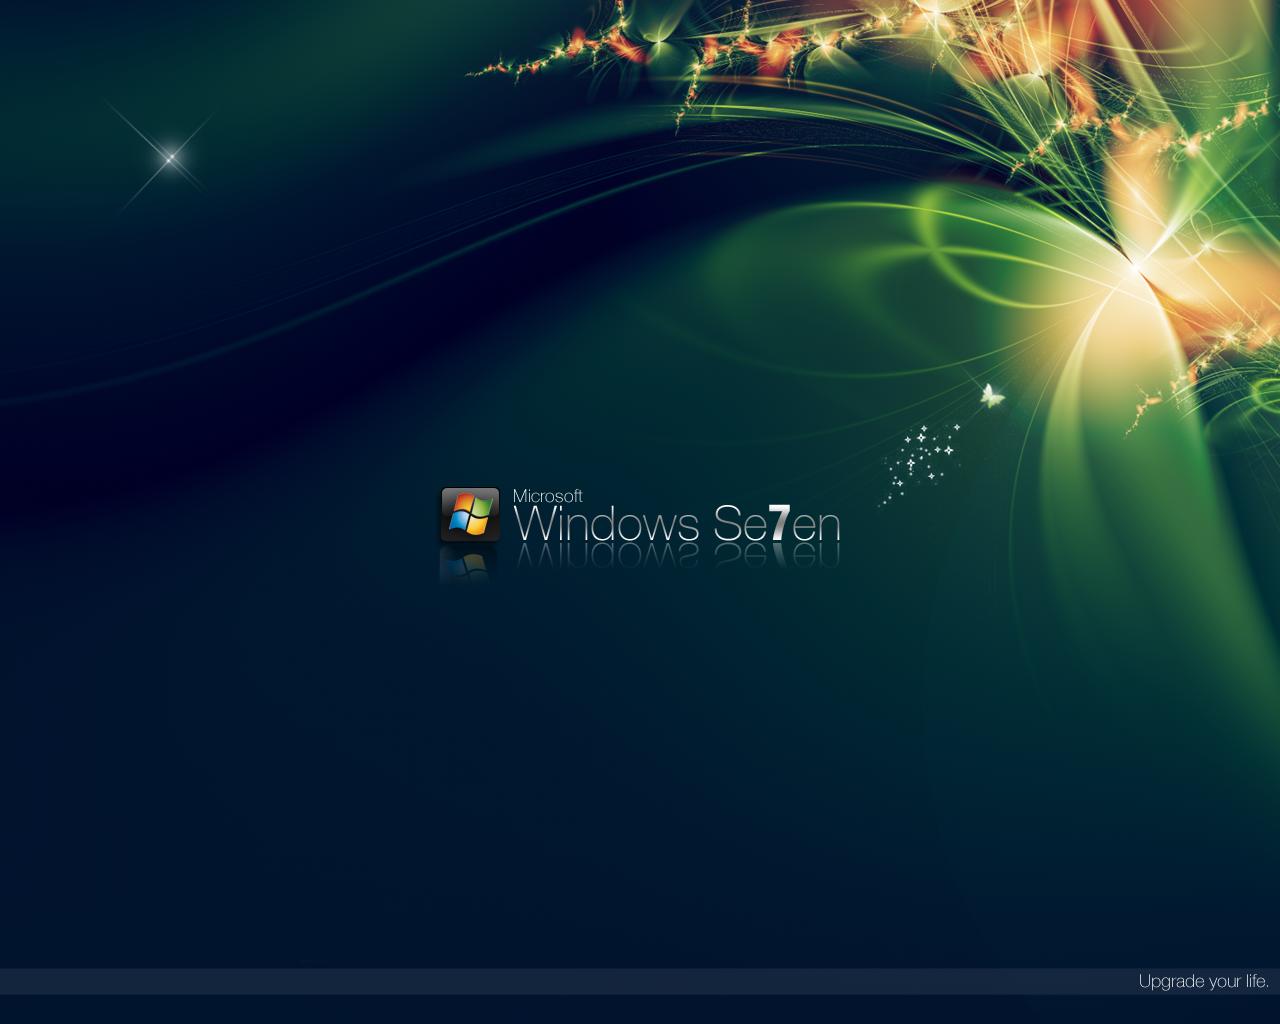 Windows 7 Features World Wallpaper Backgrounds Desktop Free Wallpaper